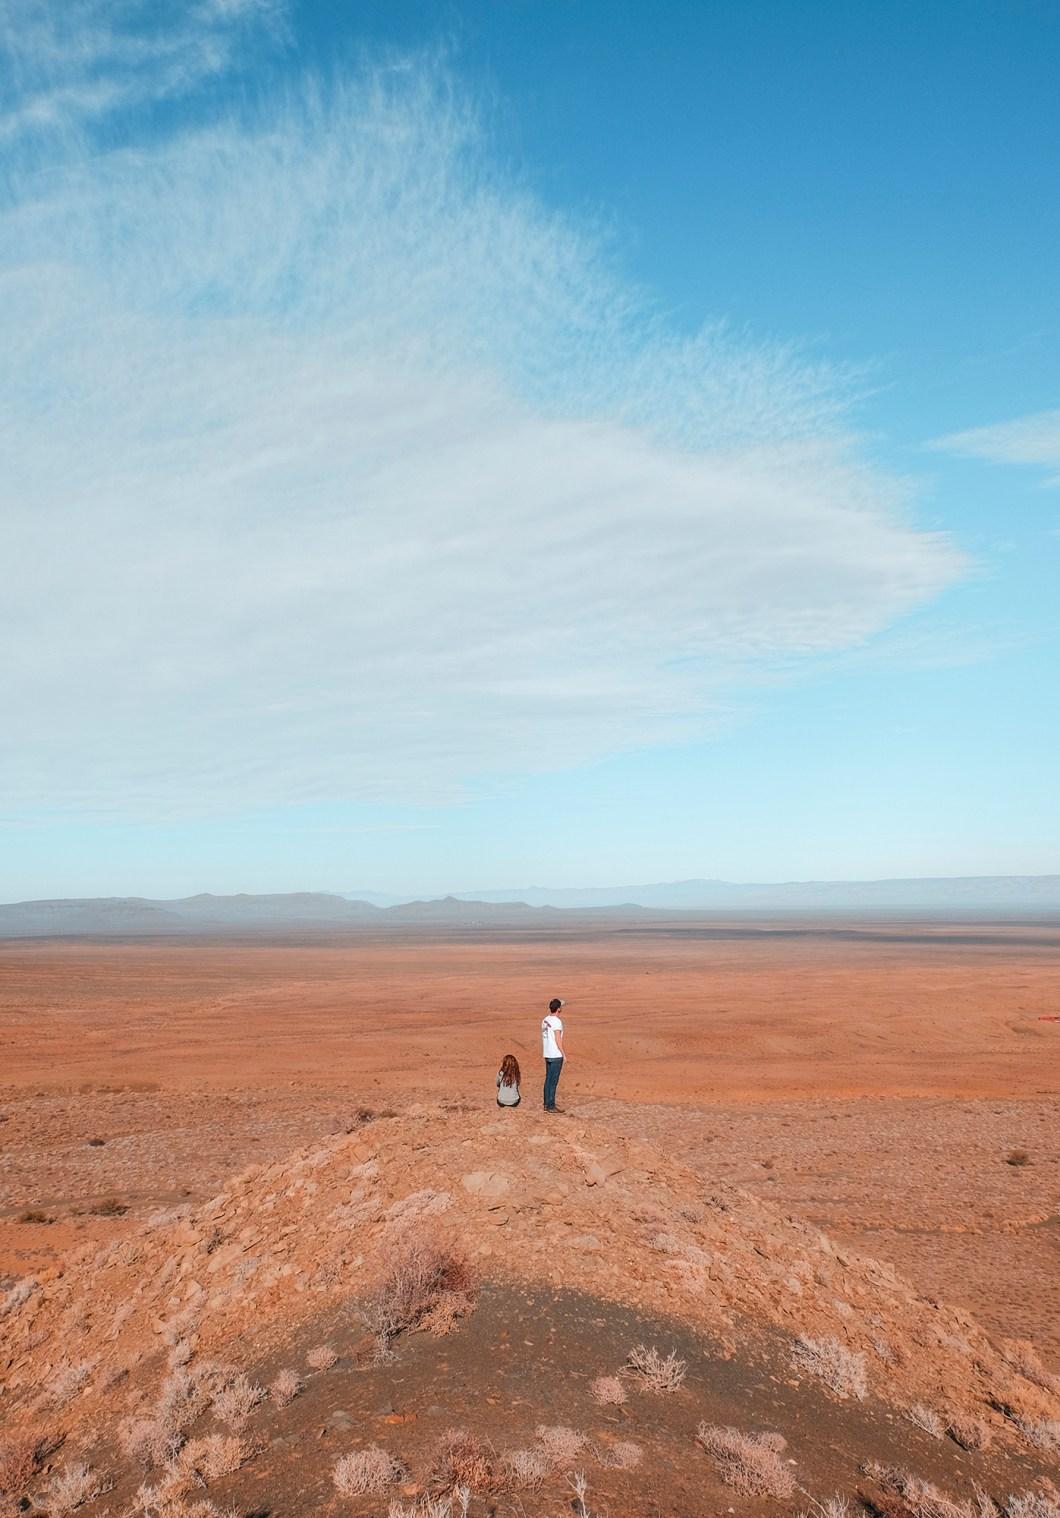 Karoo Desert South Africa | How Far From Home